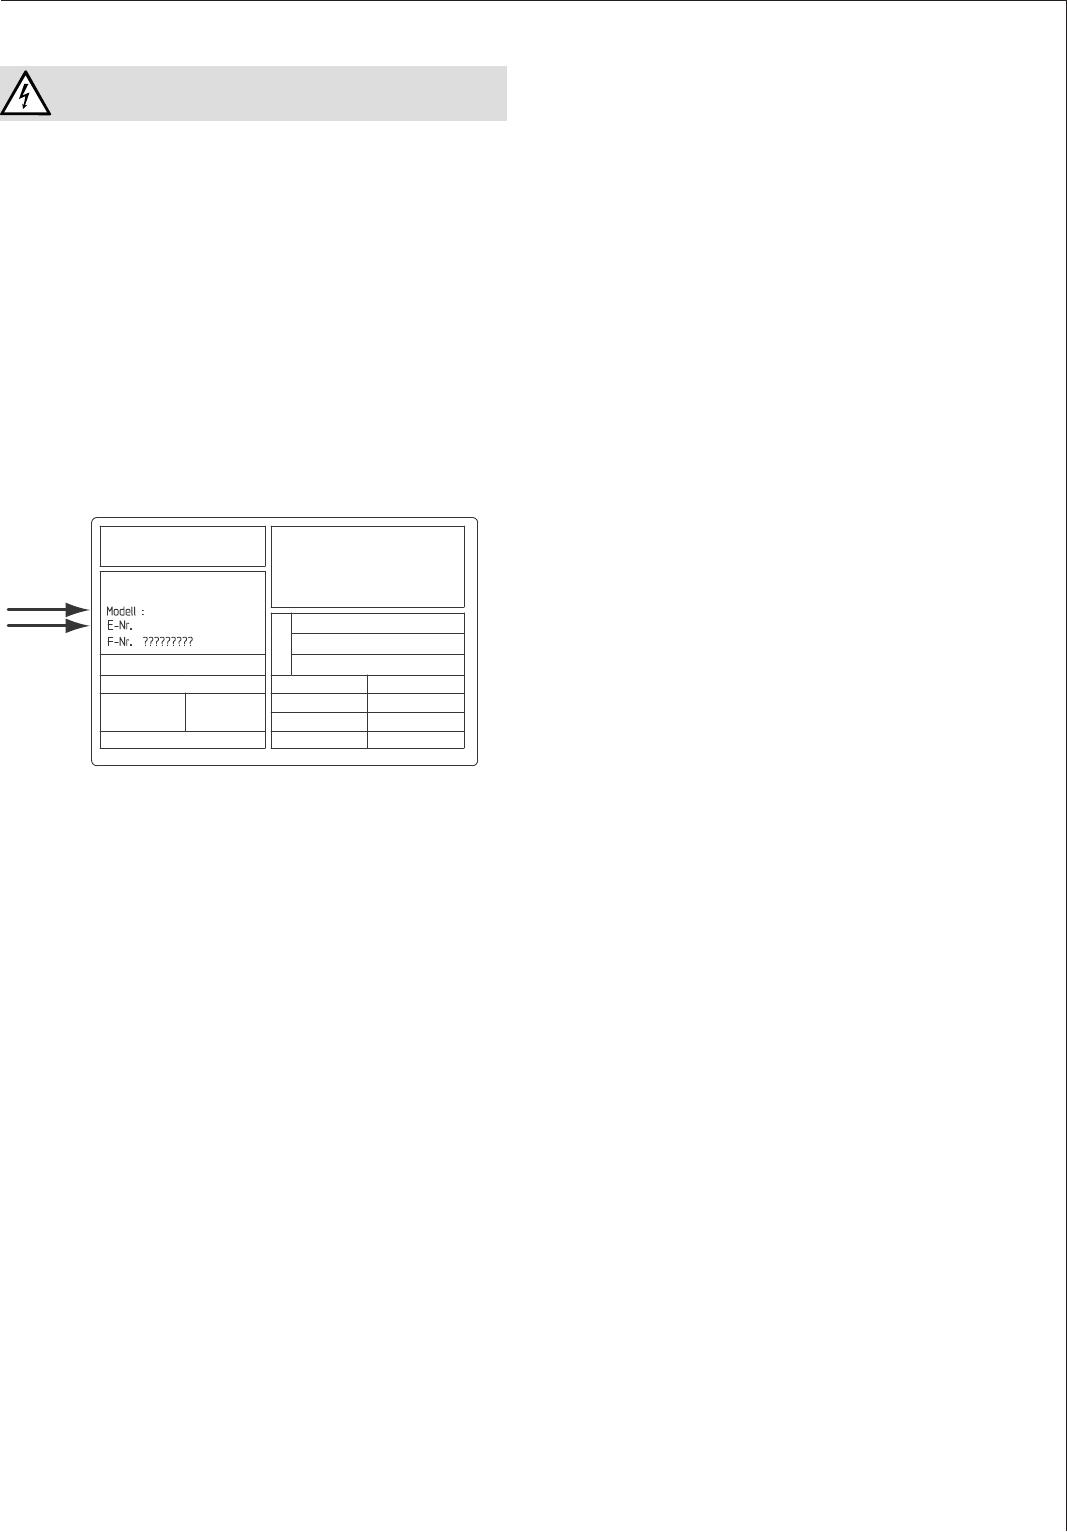 Bedienungsanleitung Aeg K 25 A Plus Seite 12 Von 20 Deutsch Igt G23 Wiring Diagram 13